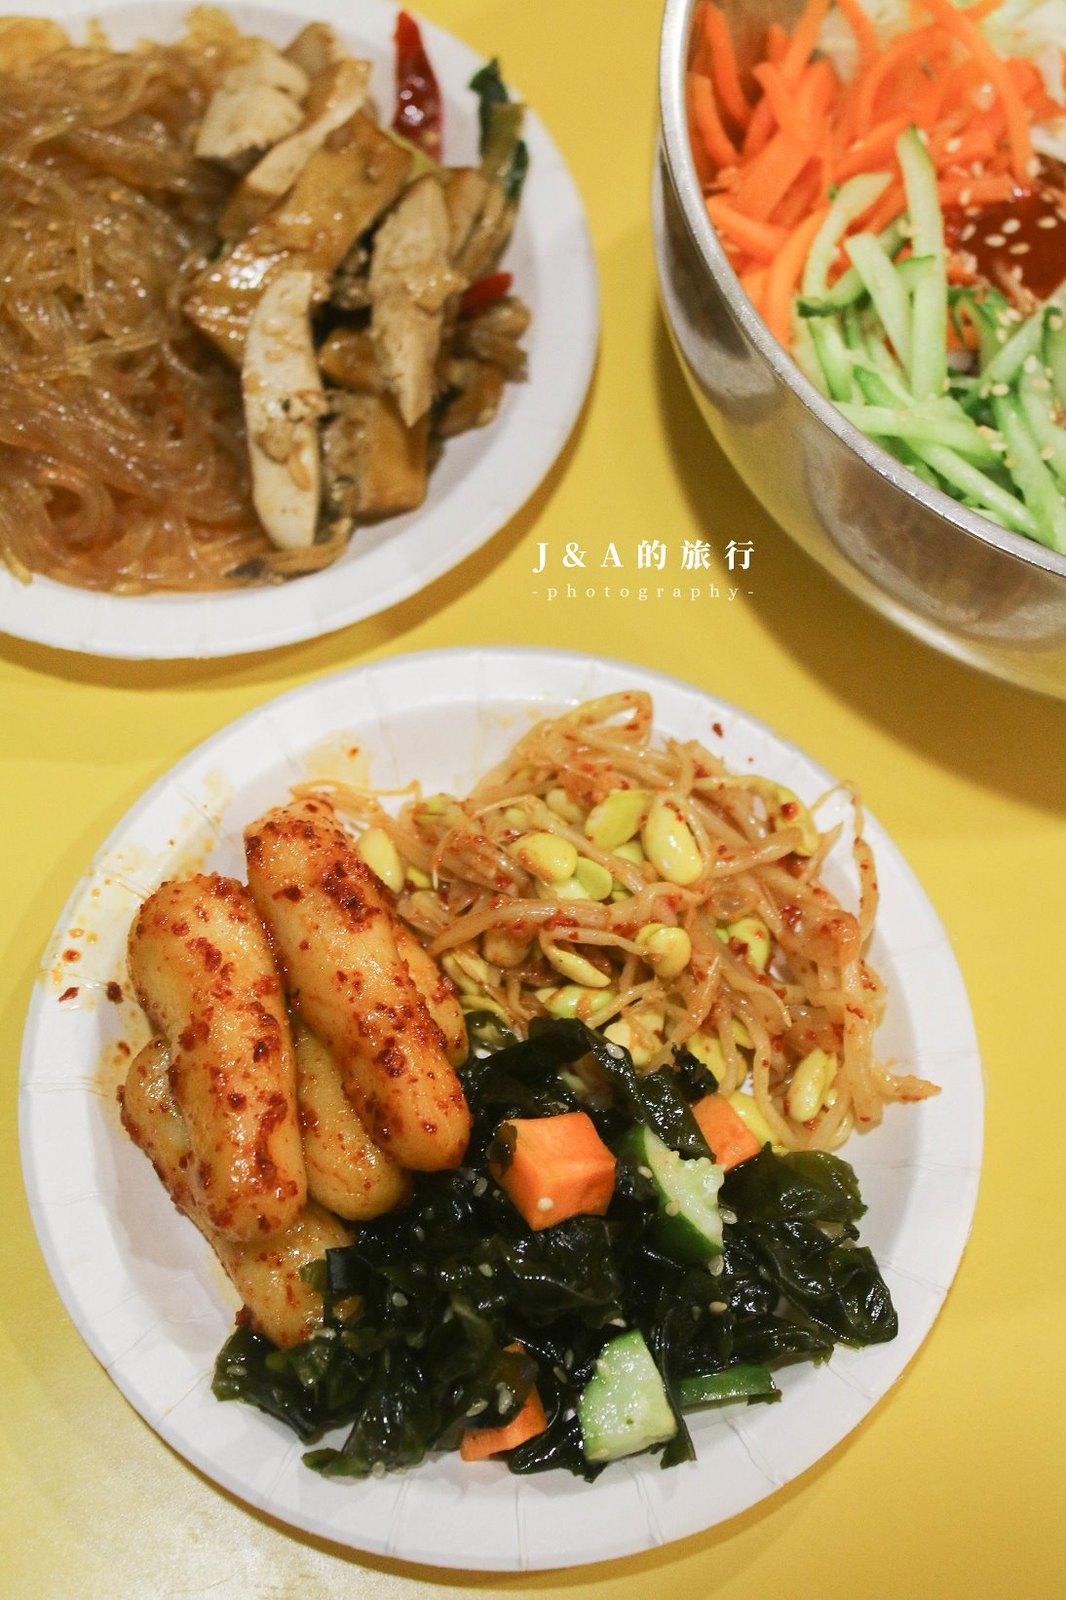 5種小菜、2種湯品吃到飽,平價韓式料理120元就吃得到!全羅道韓式拌飯 @J&A的旅行